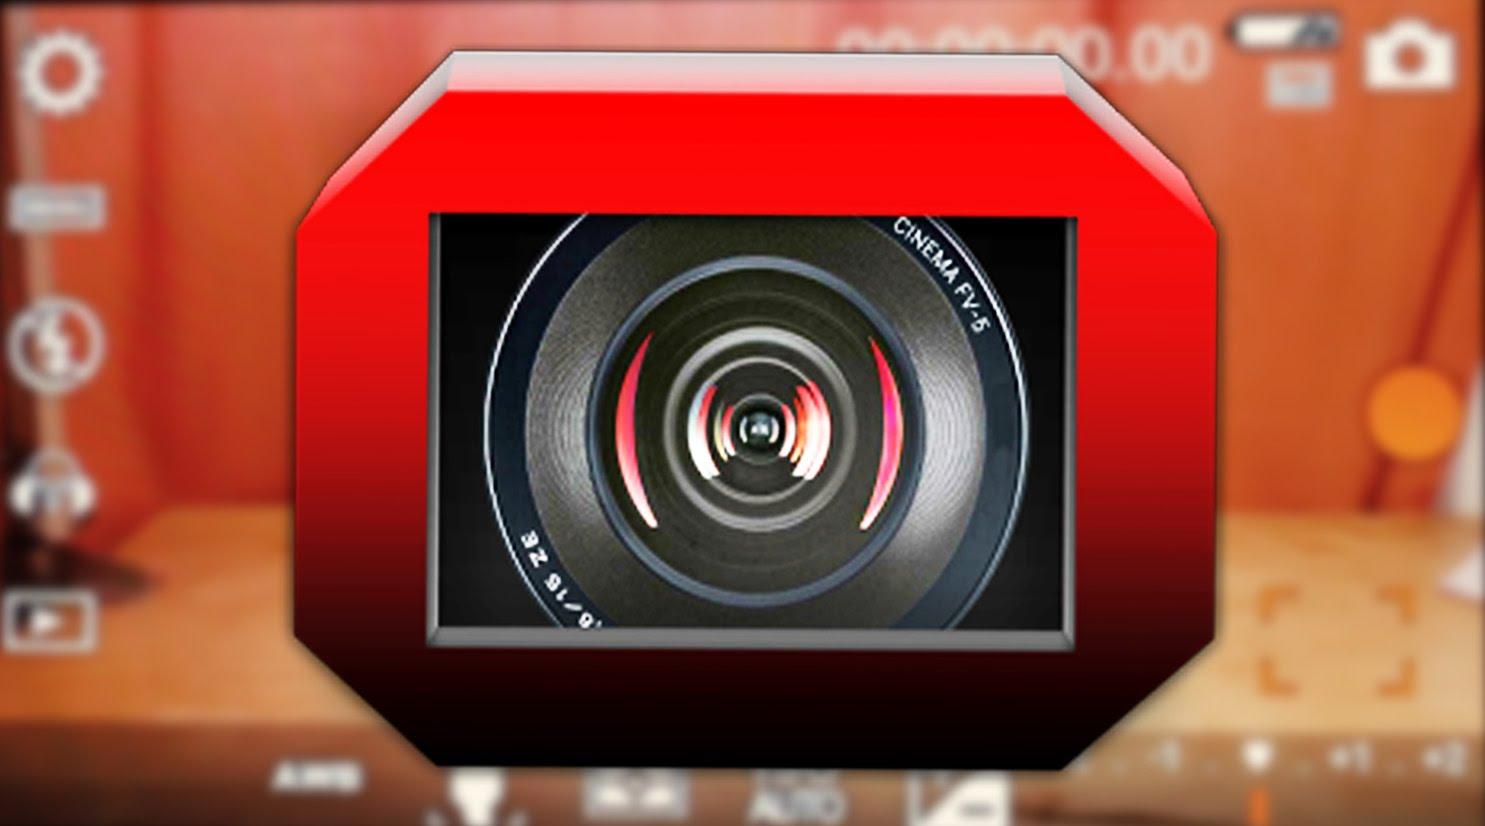 تحويل كاميرا الهاتف الى كاميرا احترافية Cinema Fv 5 Lite